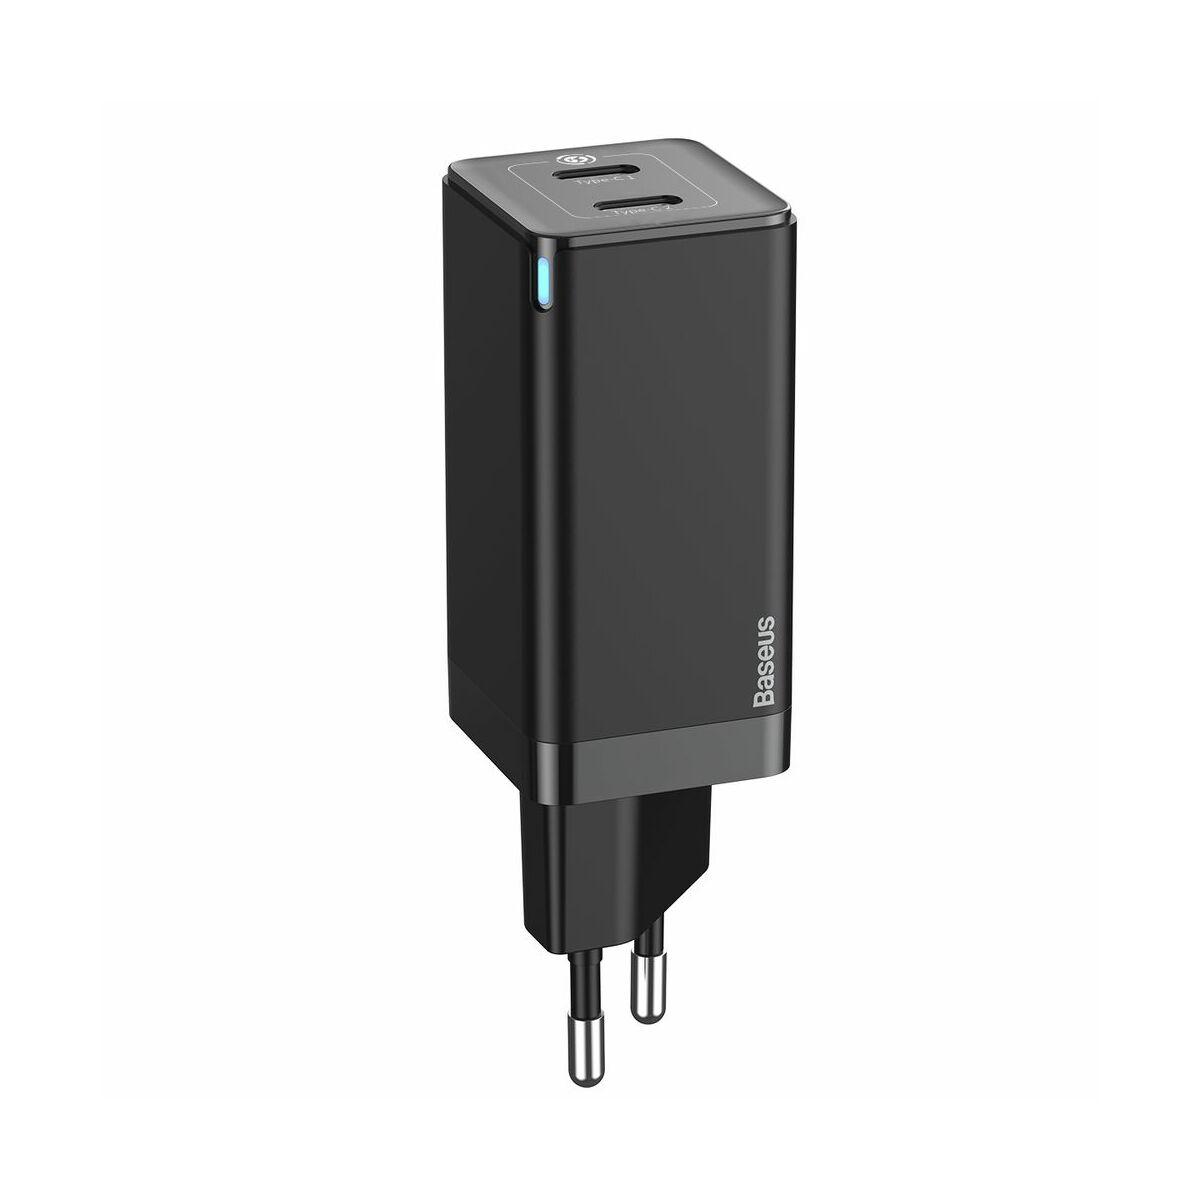 Baseus hálózati töltő, GaN gyors töltő szett, C+C (ajándék Mini series kábel C+C 60W, 3A, 1m) 45W, fekete (CCGAN-M01)